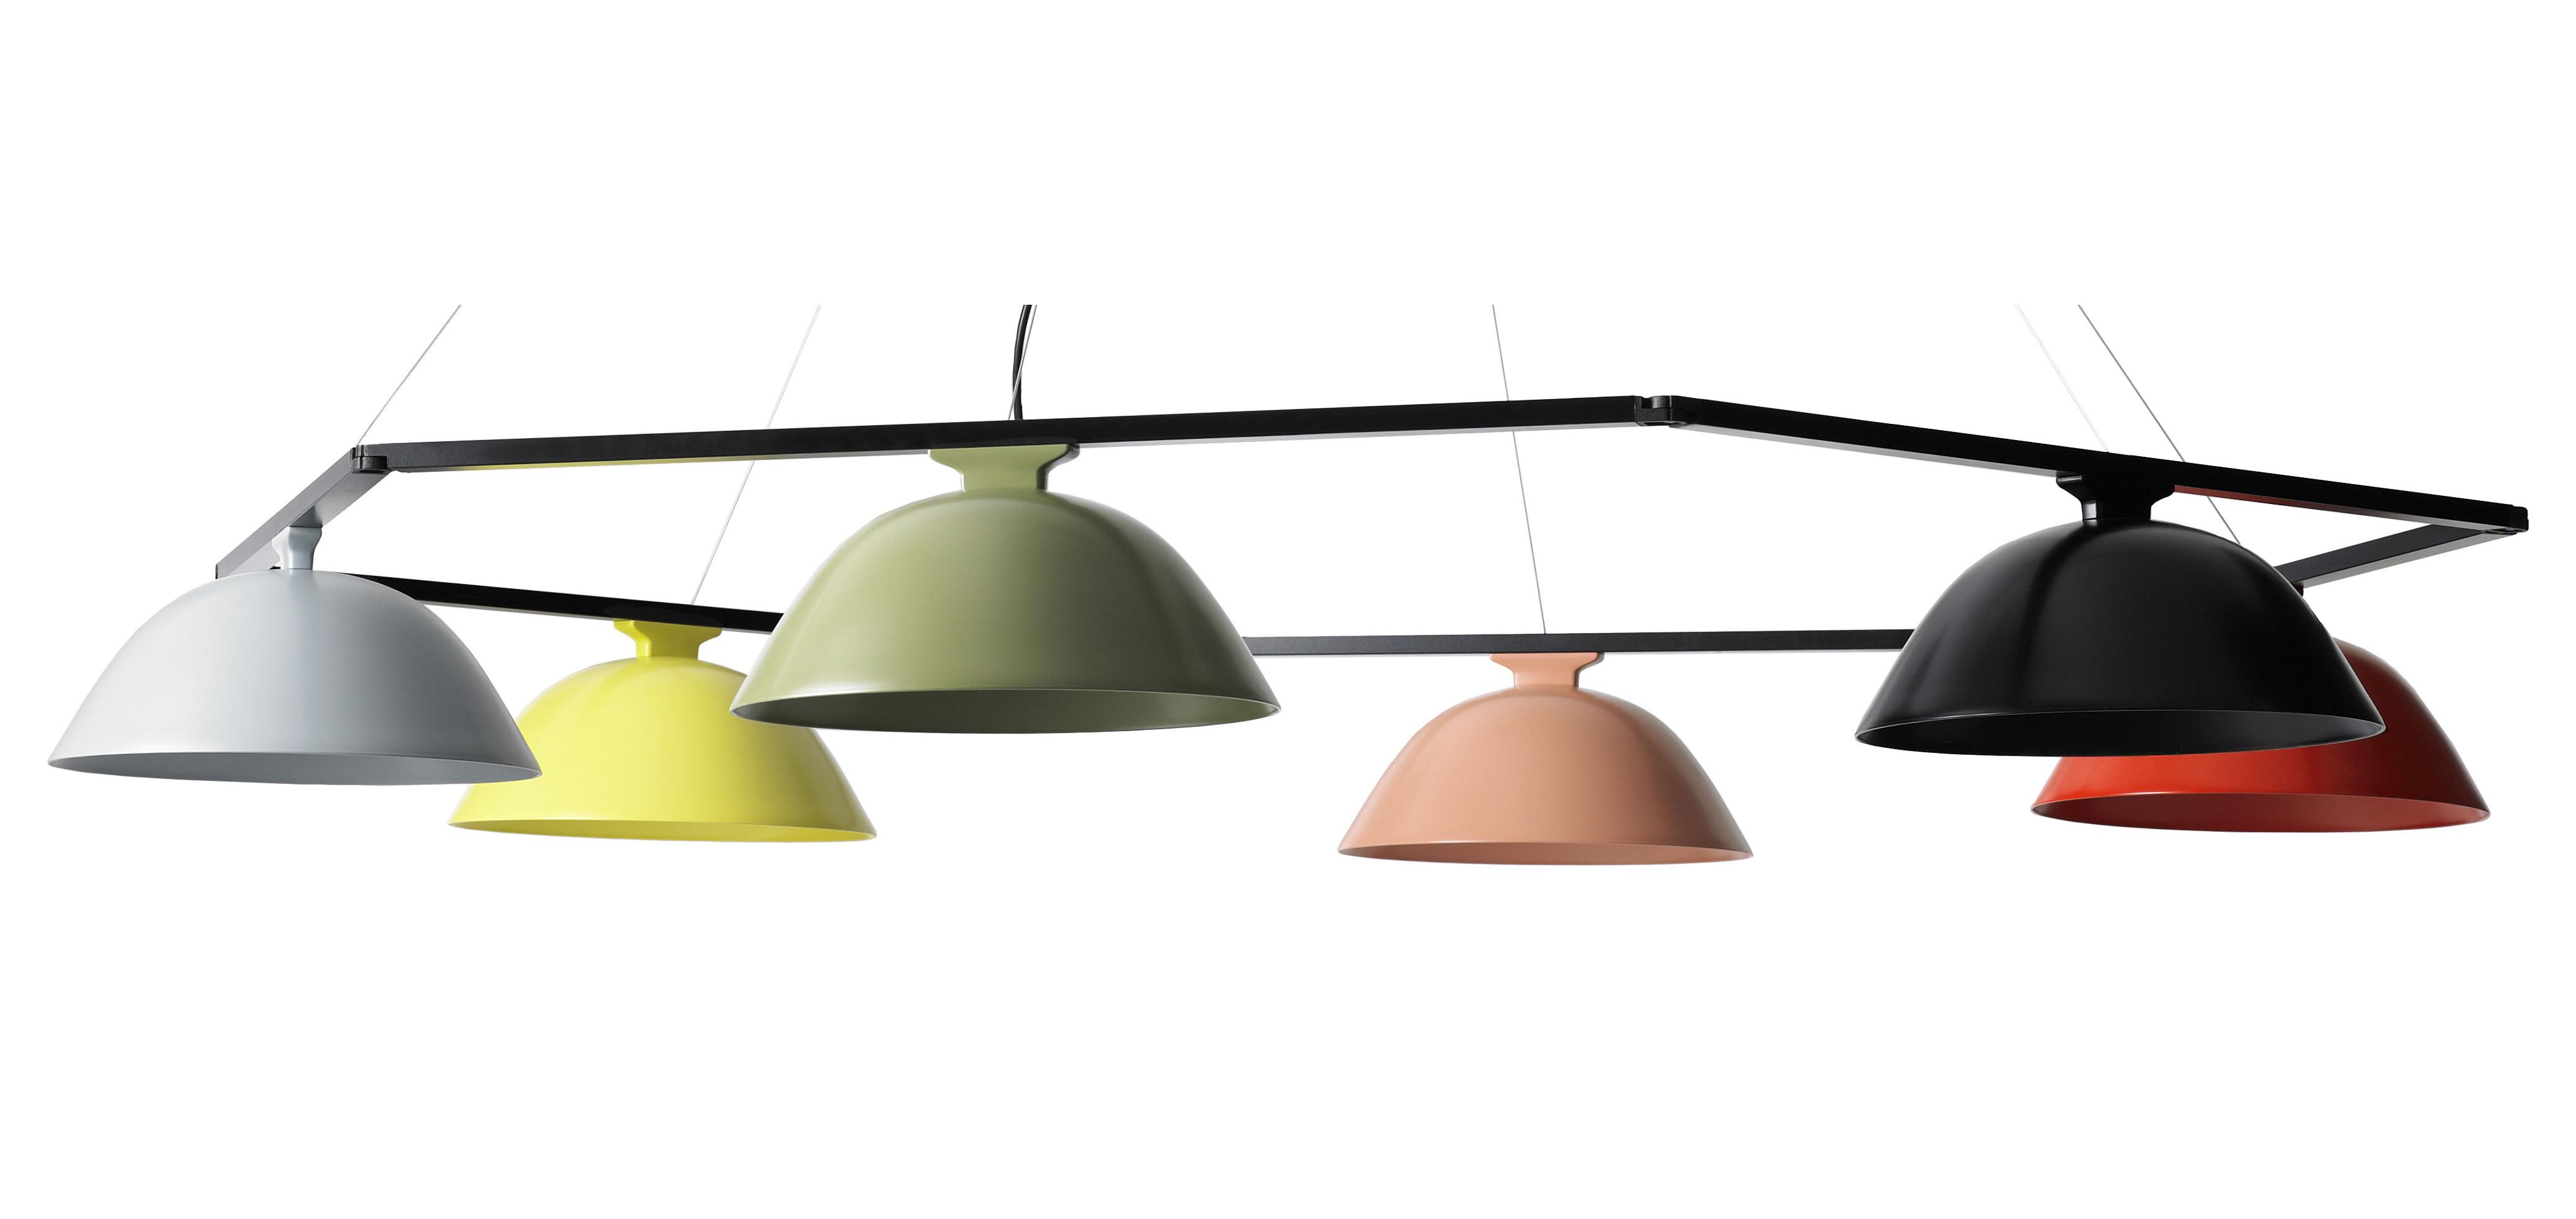 Luminaire - Suspensions - Suspension Sempé w103s6 multiple / LED - Ø 147 cm - Wästberg - Multicolore - Acier, Aluminium